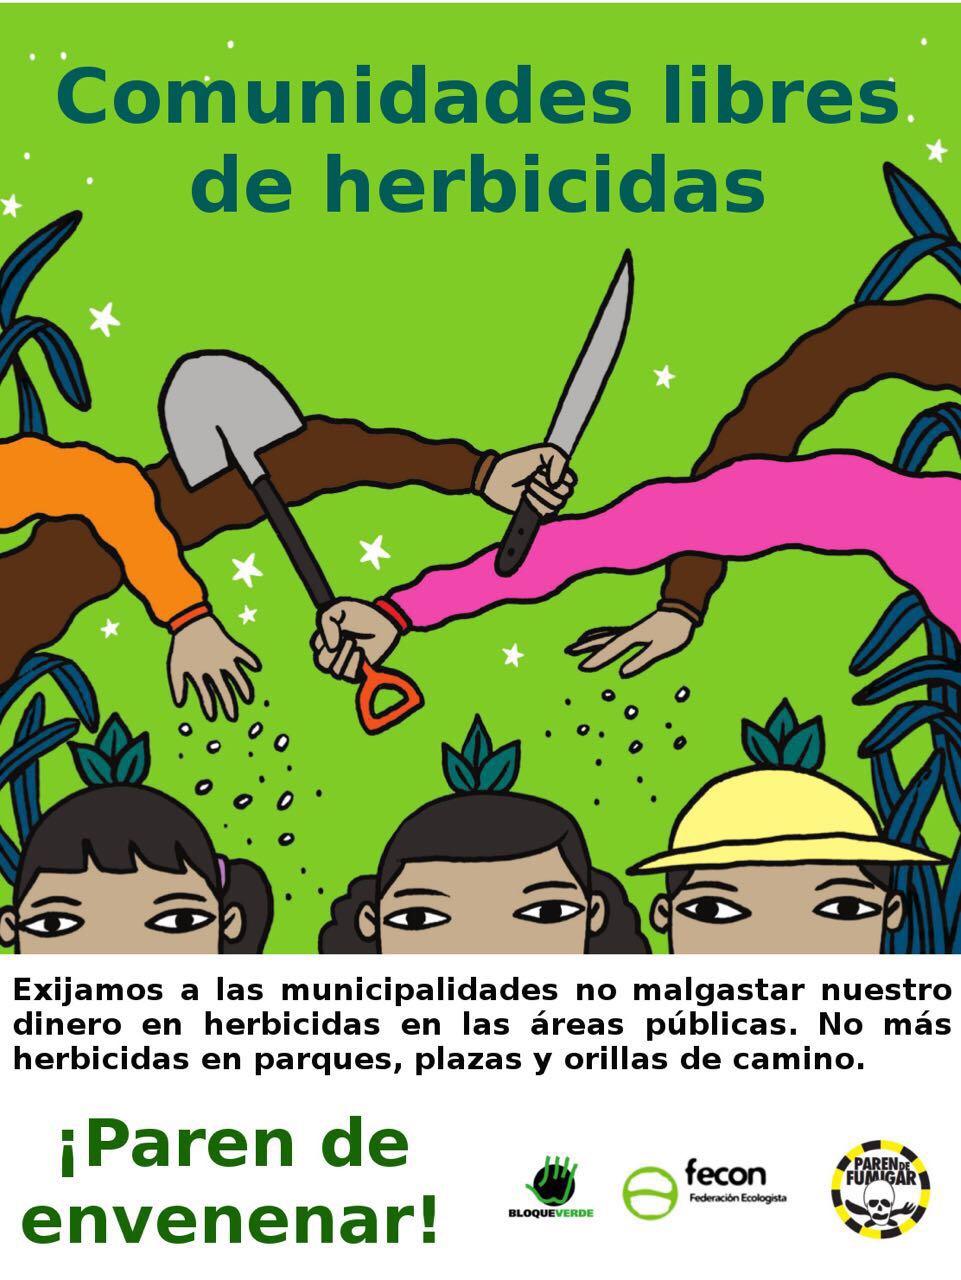 Montes de Oca prohíbe el uso de glifosato en sus espacios públicos